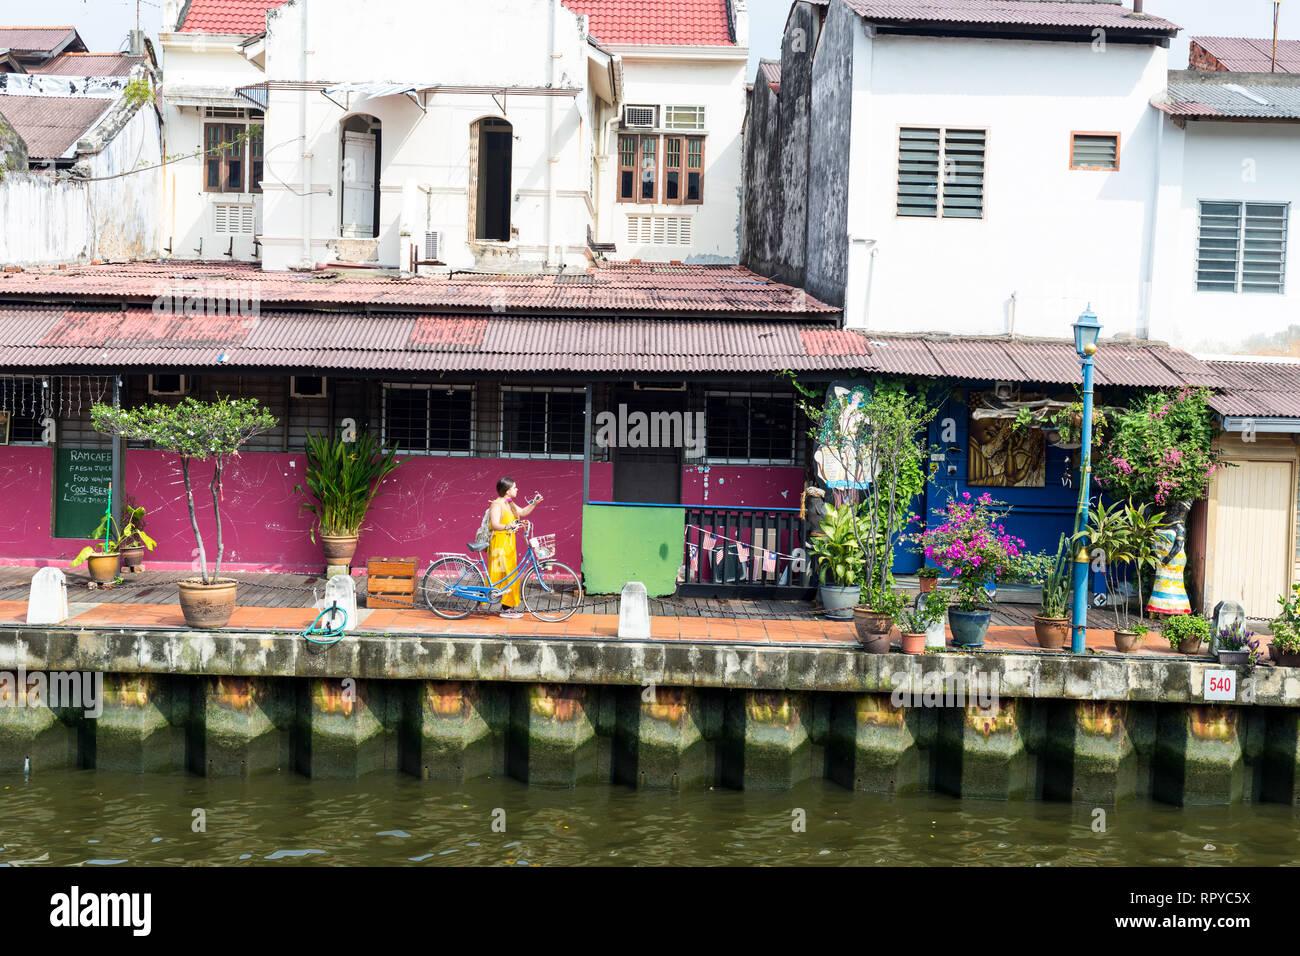 Old Shophouses Line the Riverwalk along the Melaka River, Melaka, Malaysia. - Stock Image